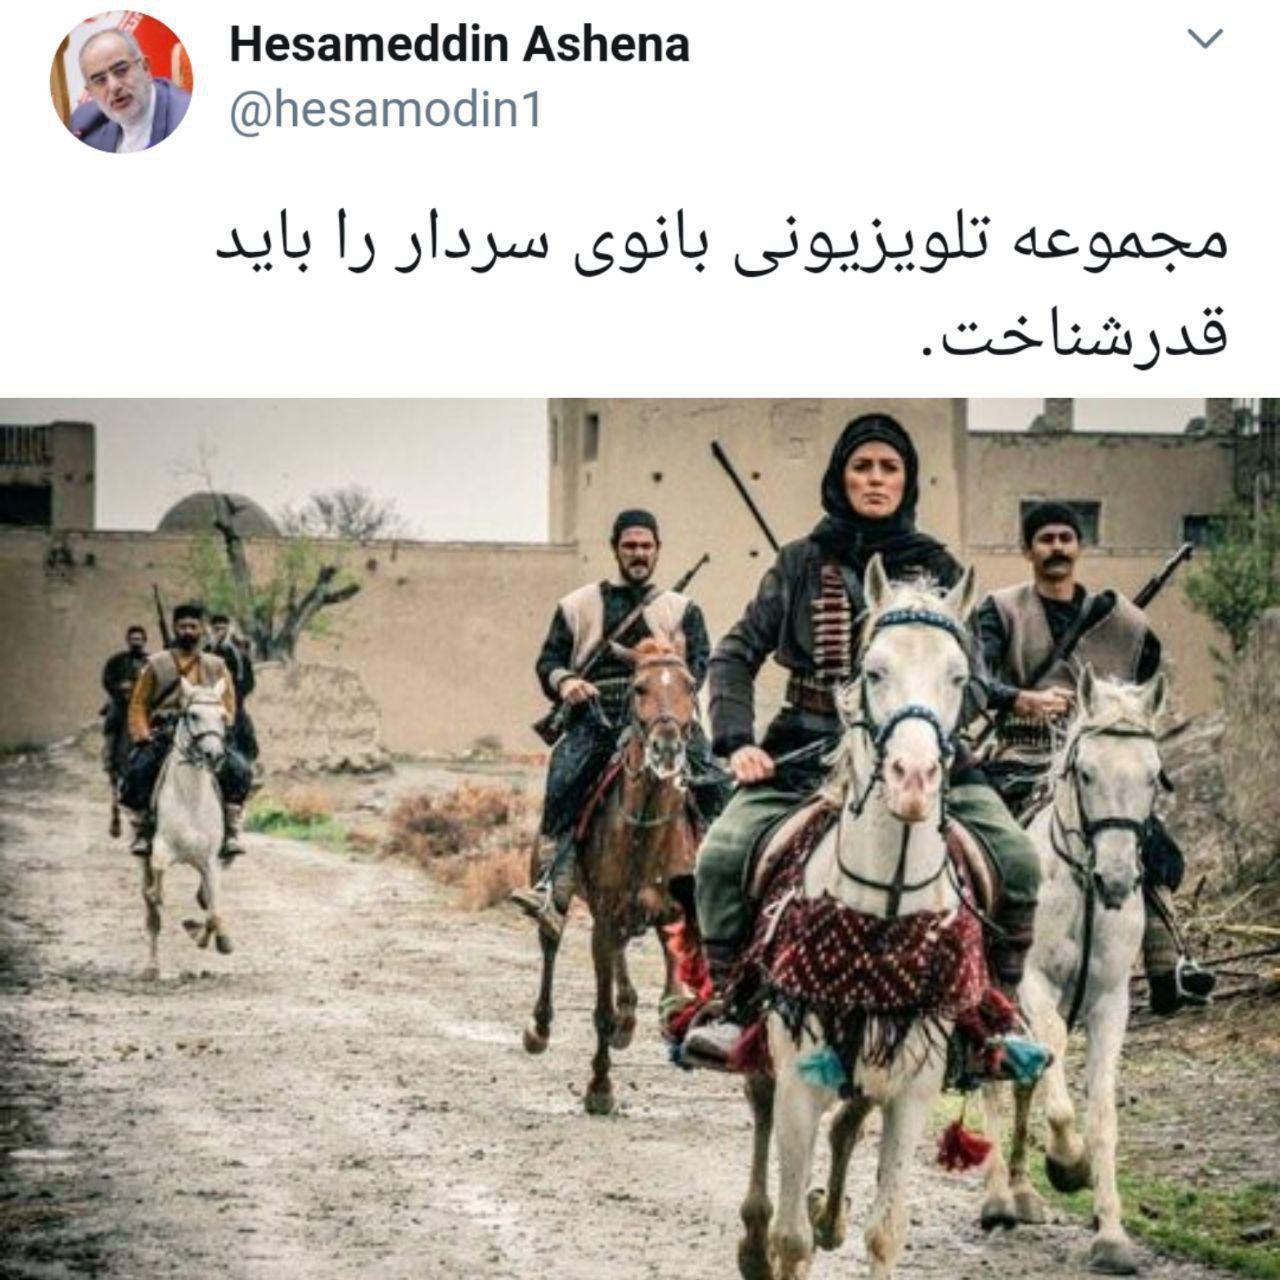 تمجید مشاور رئیس جمهور از سریال «بانوی سردار» +عکس